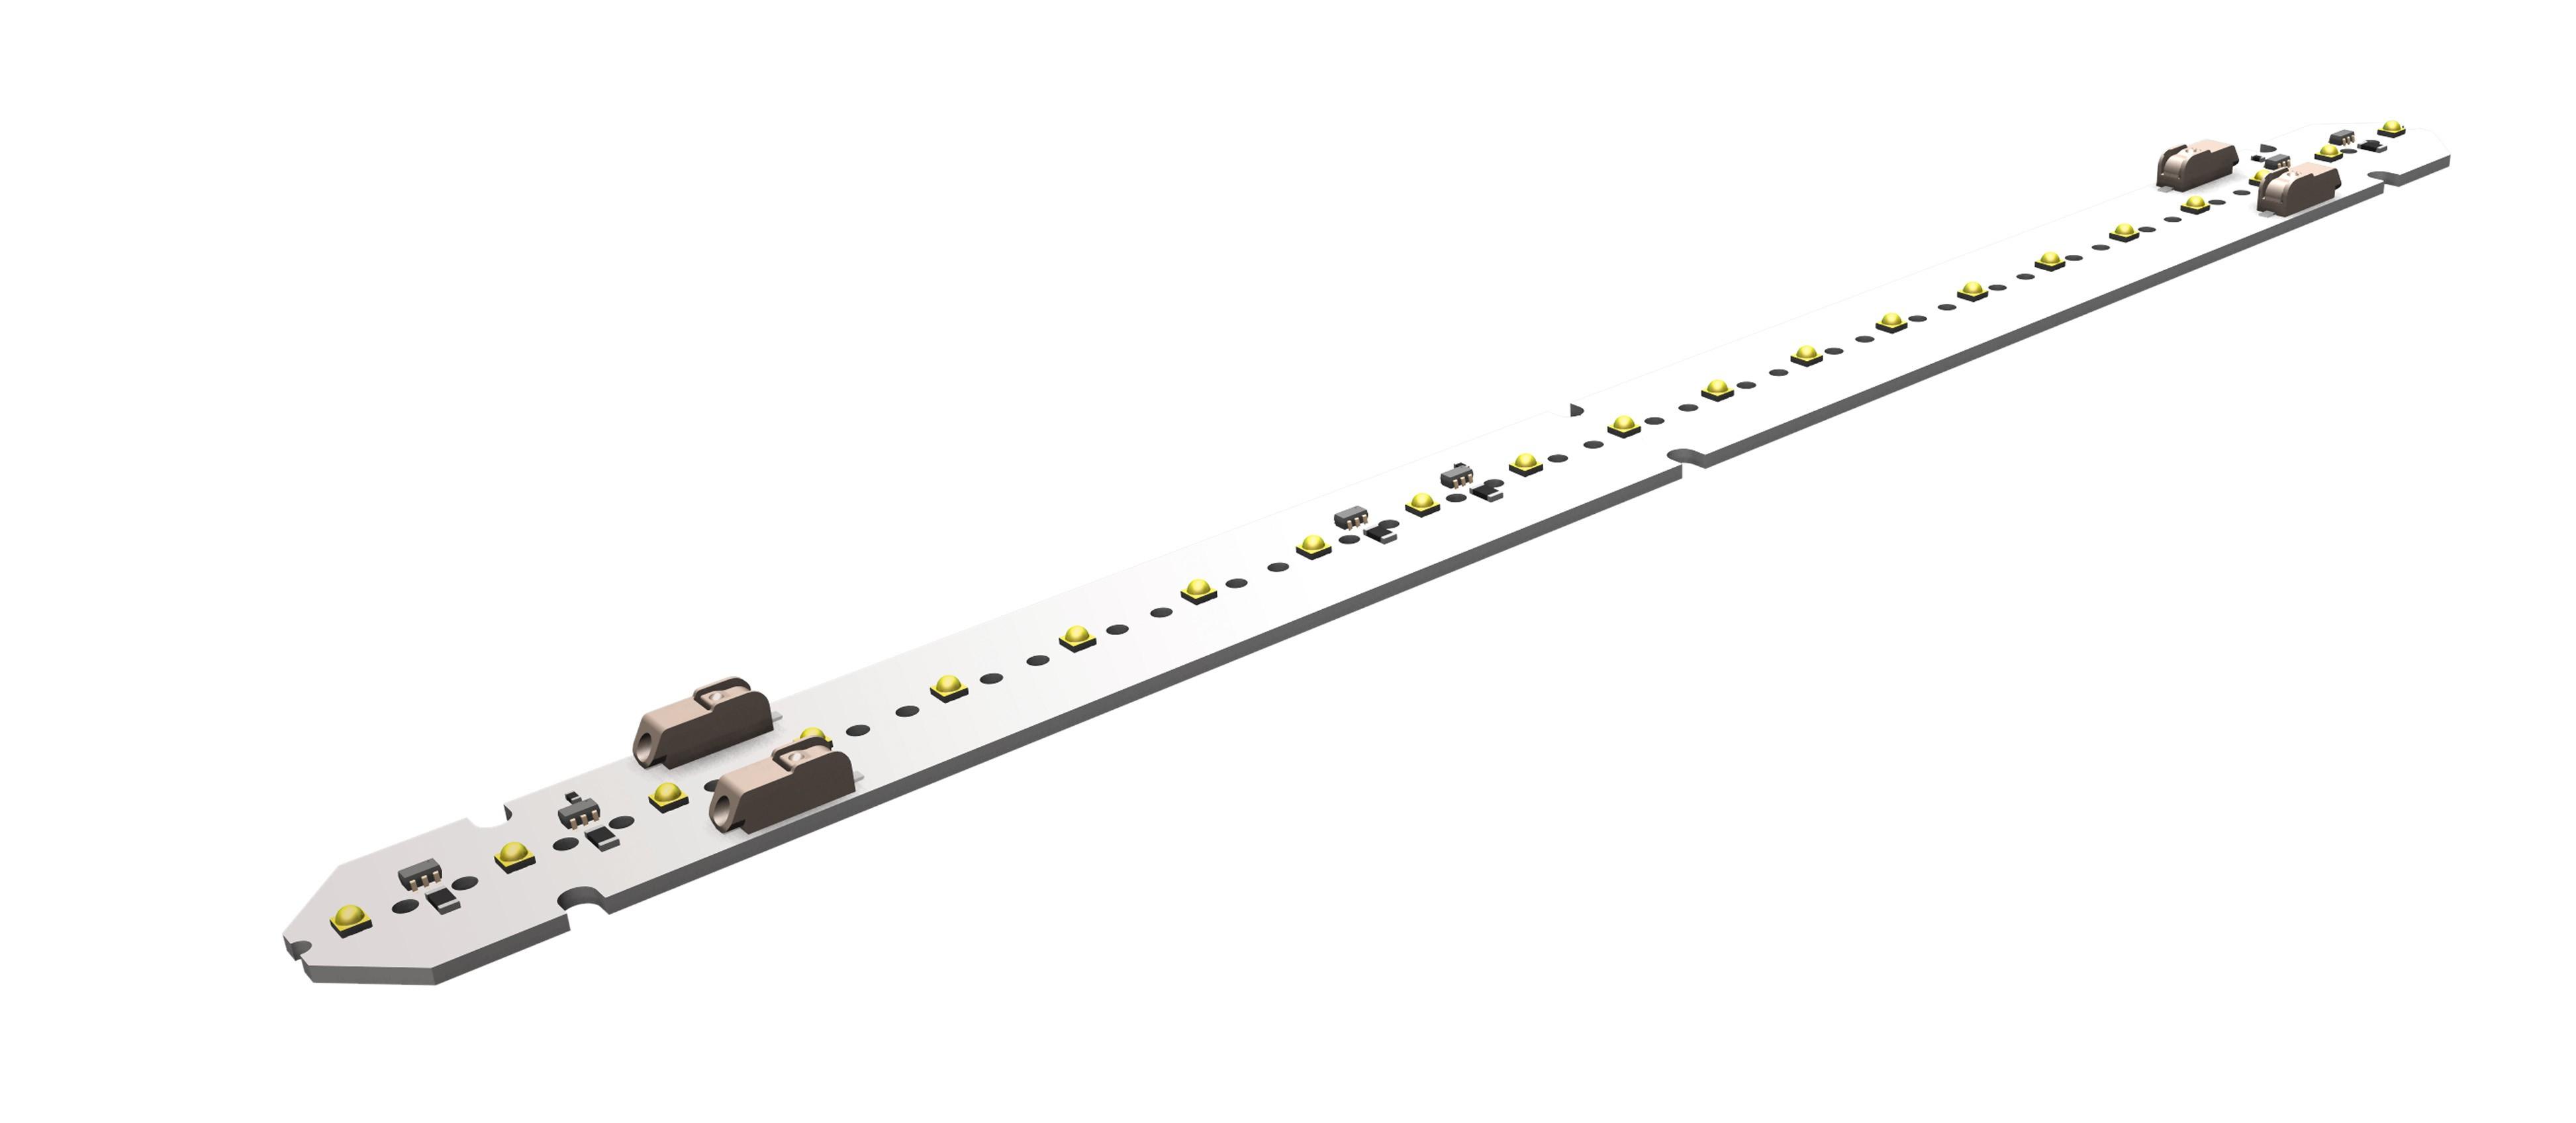 1_m.a.l. led-iX linearis 1x21 XB, CREE LED Streifen, 23.8W, kalt/ neutral/ warmweiß